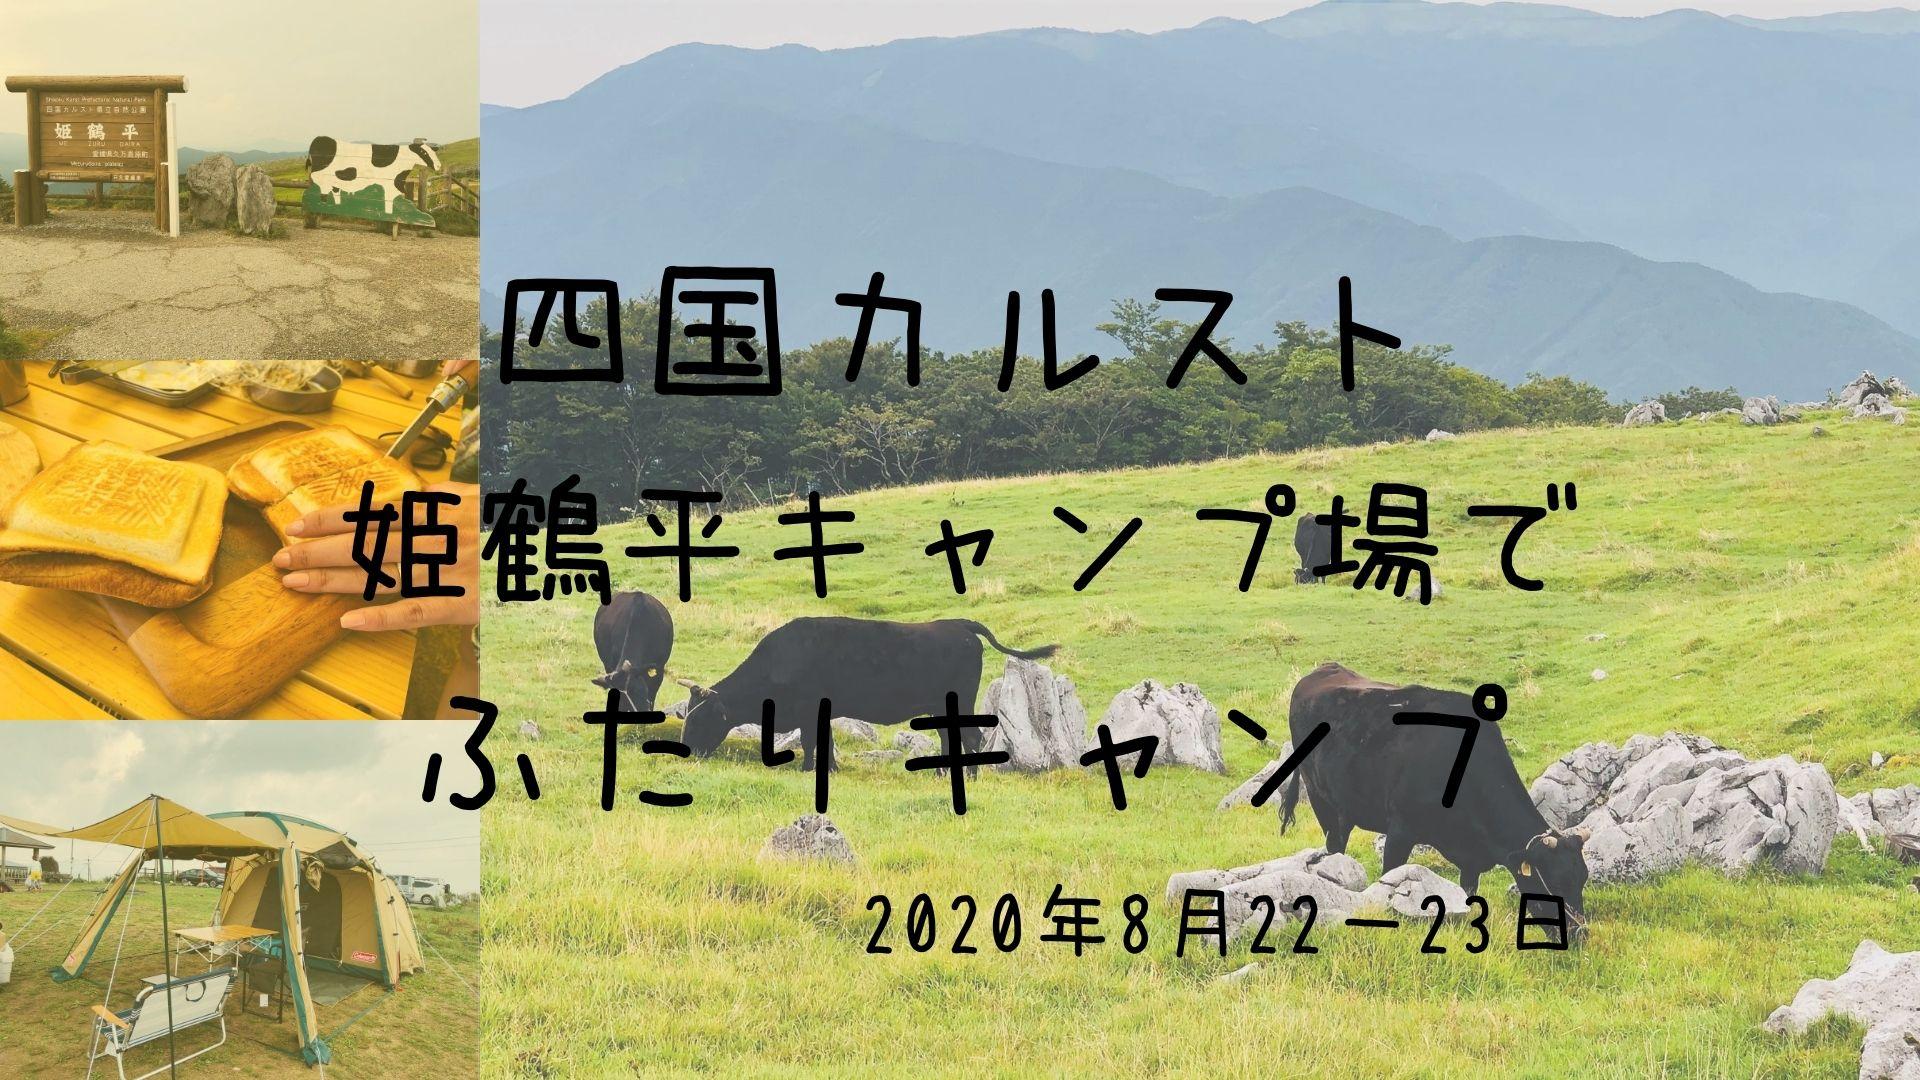 shikokukarusuto camp